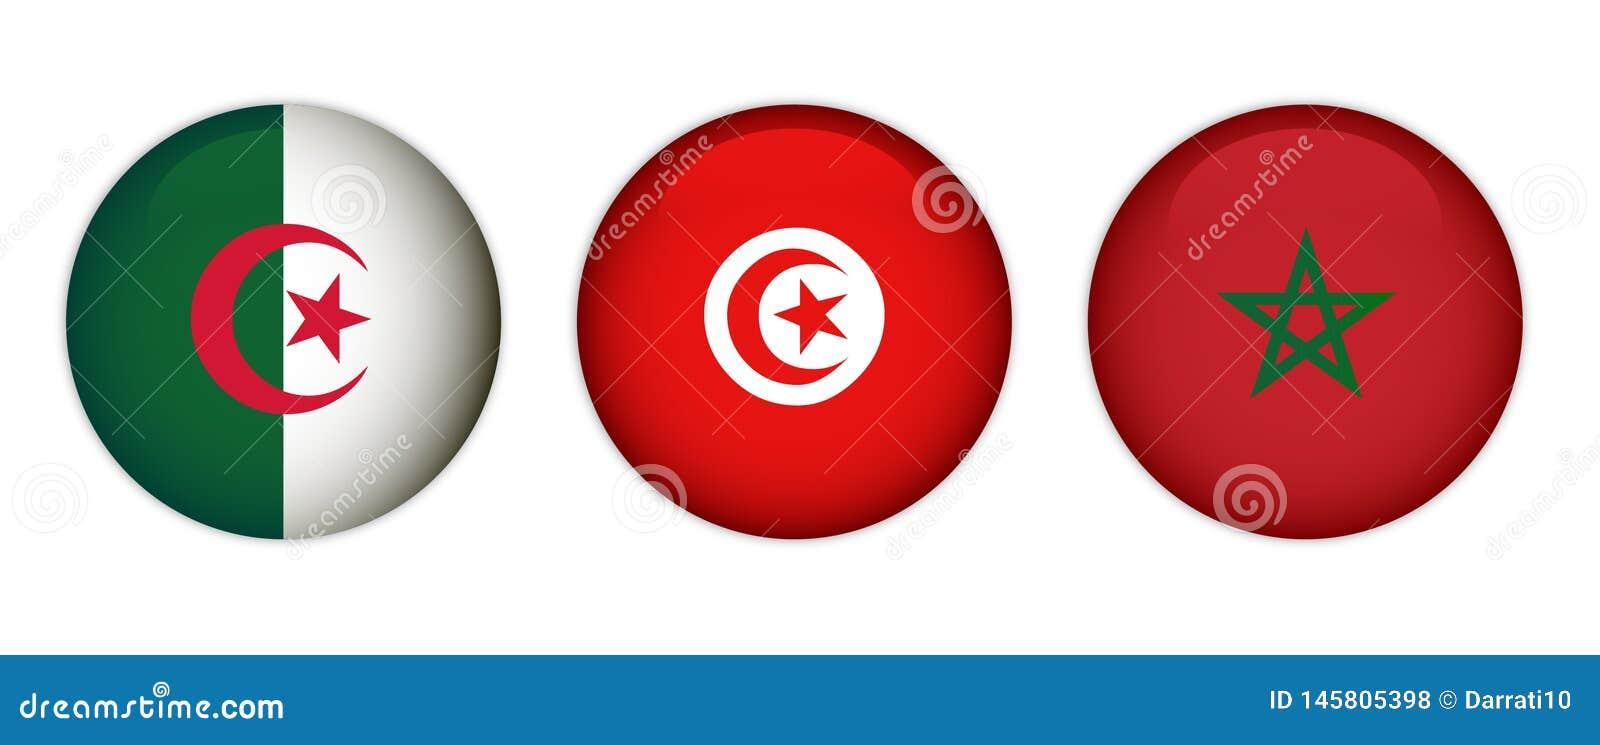 摩洛哥、阿尔及利亚和突尼斯的旗子